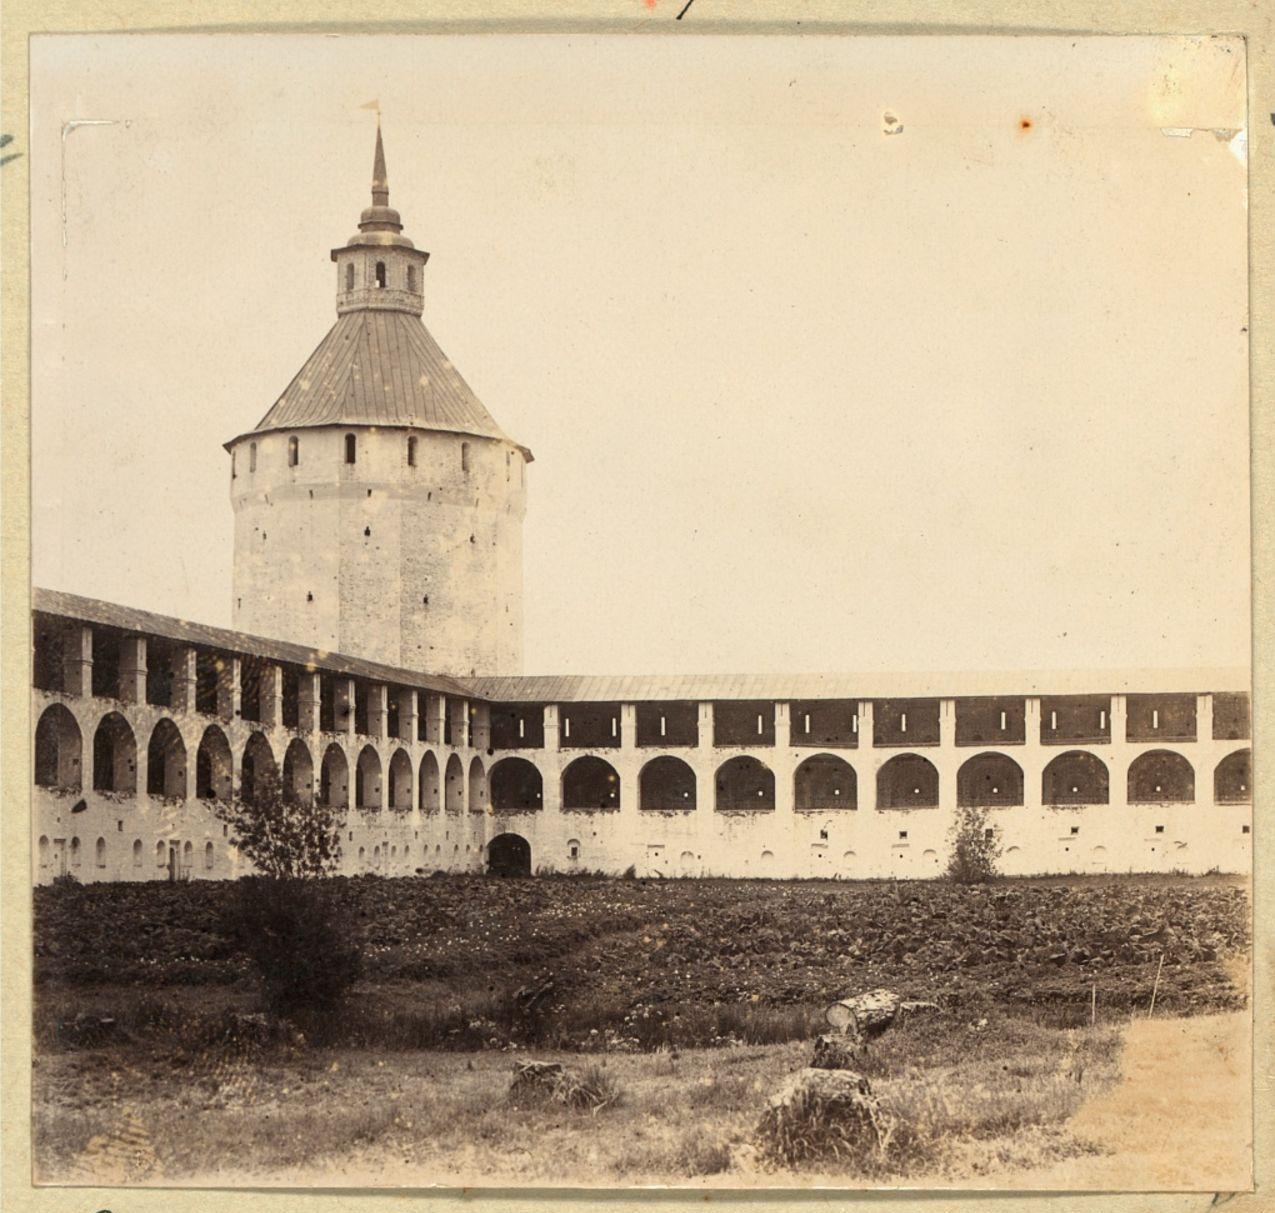 Кирилло-Белозерский монастырь. Стена с нишами, окружающая монастырь